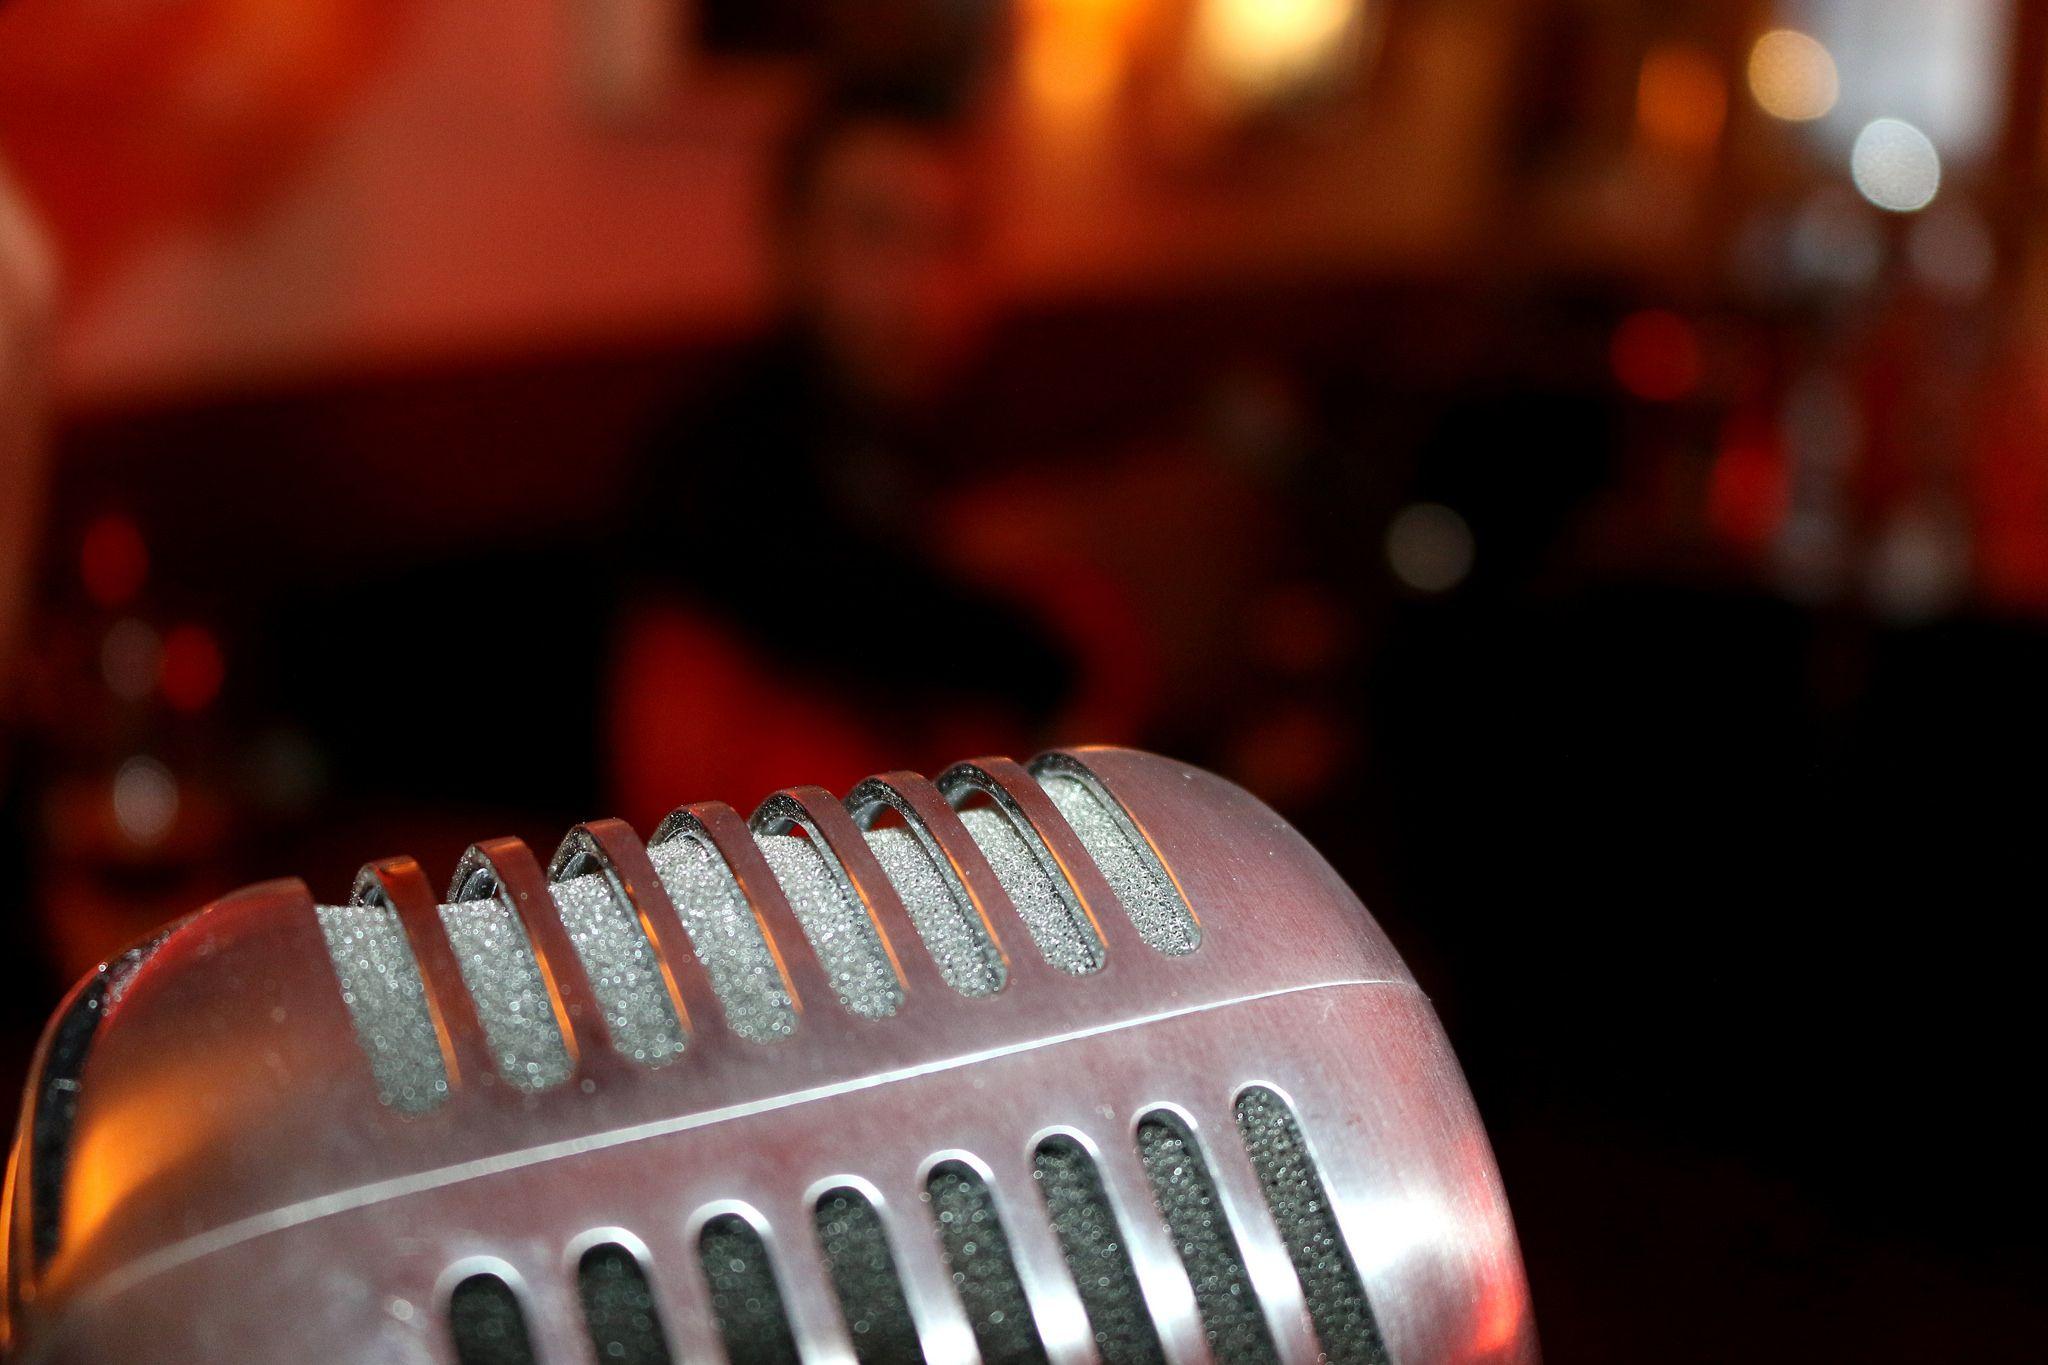 https://flic.kr/p/Gpw8Mj   DO Sol Sostenible   Una performance única: Música, poesía & enogastronomía. Con Hugo Kwaschnowitz (Dirección, guitarra y voz), Gabriel Rocha (Guitarra y voz) y Medhi Kerrou (Chef). El Pepinillo de Barquillo.